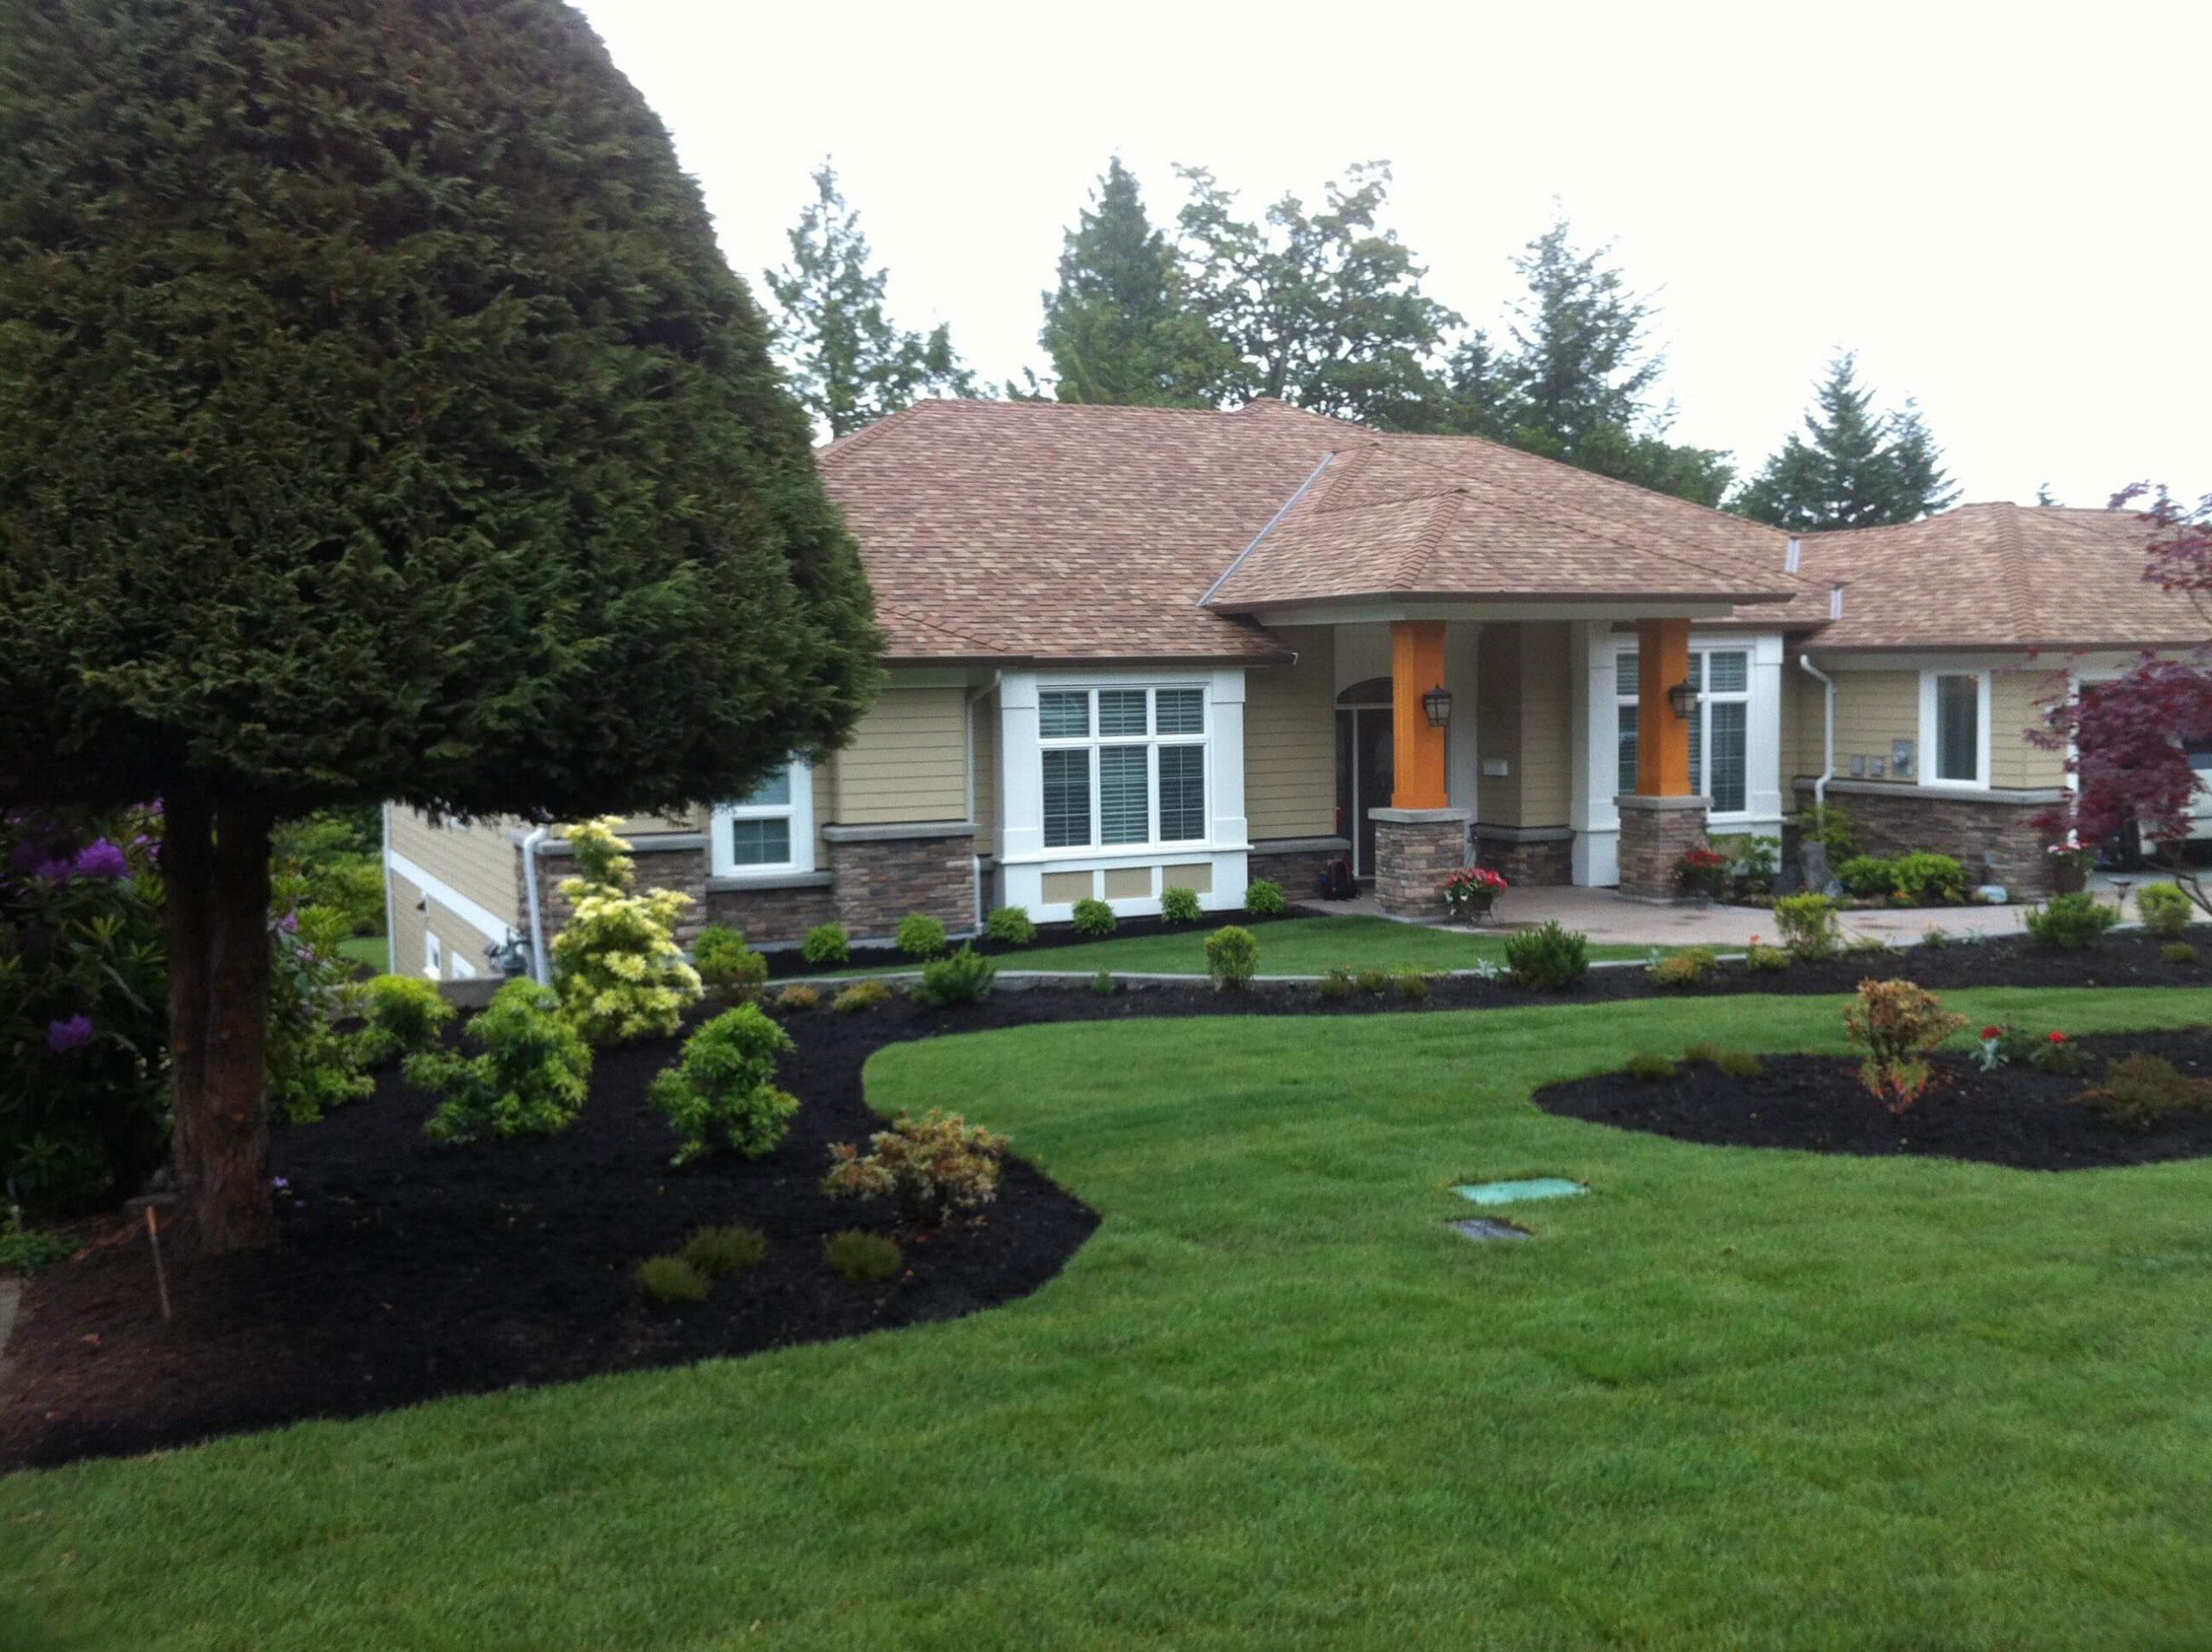 Victoria, BC Landscape Designer